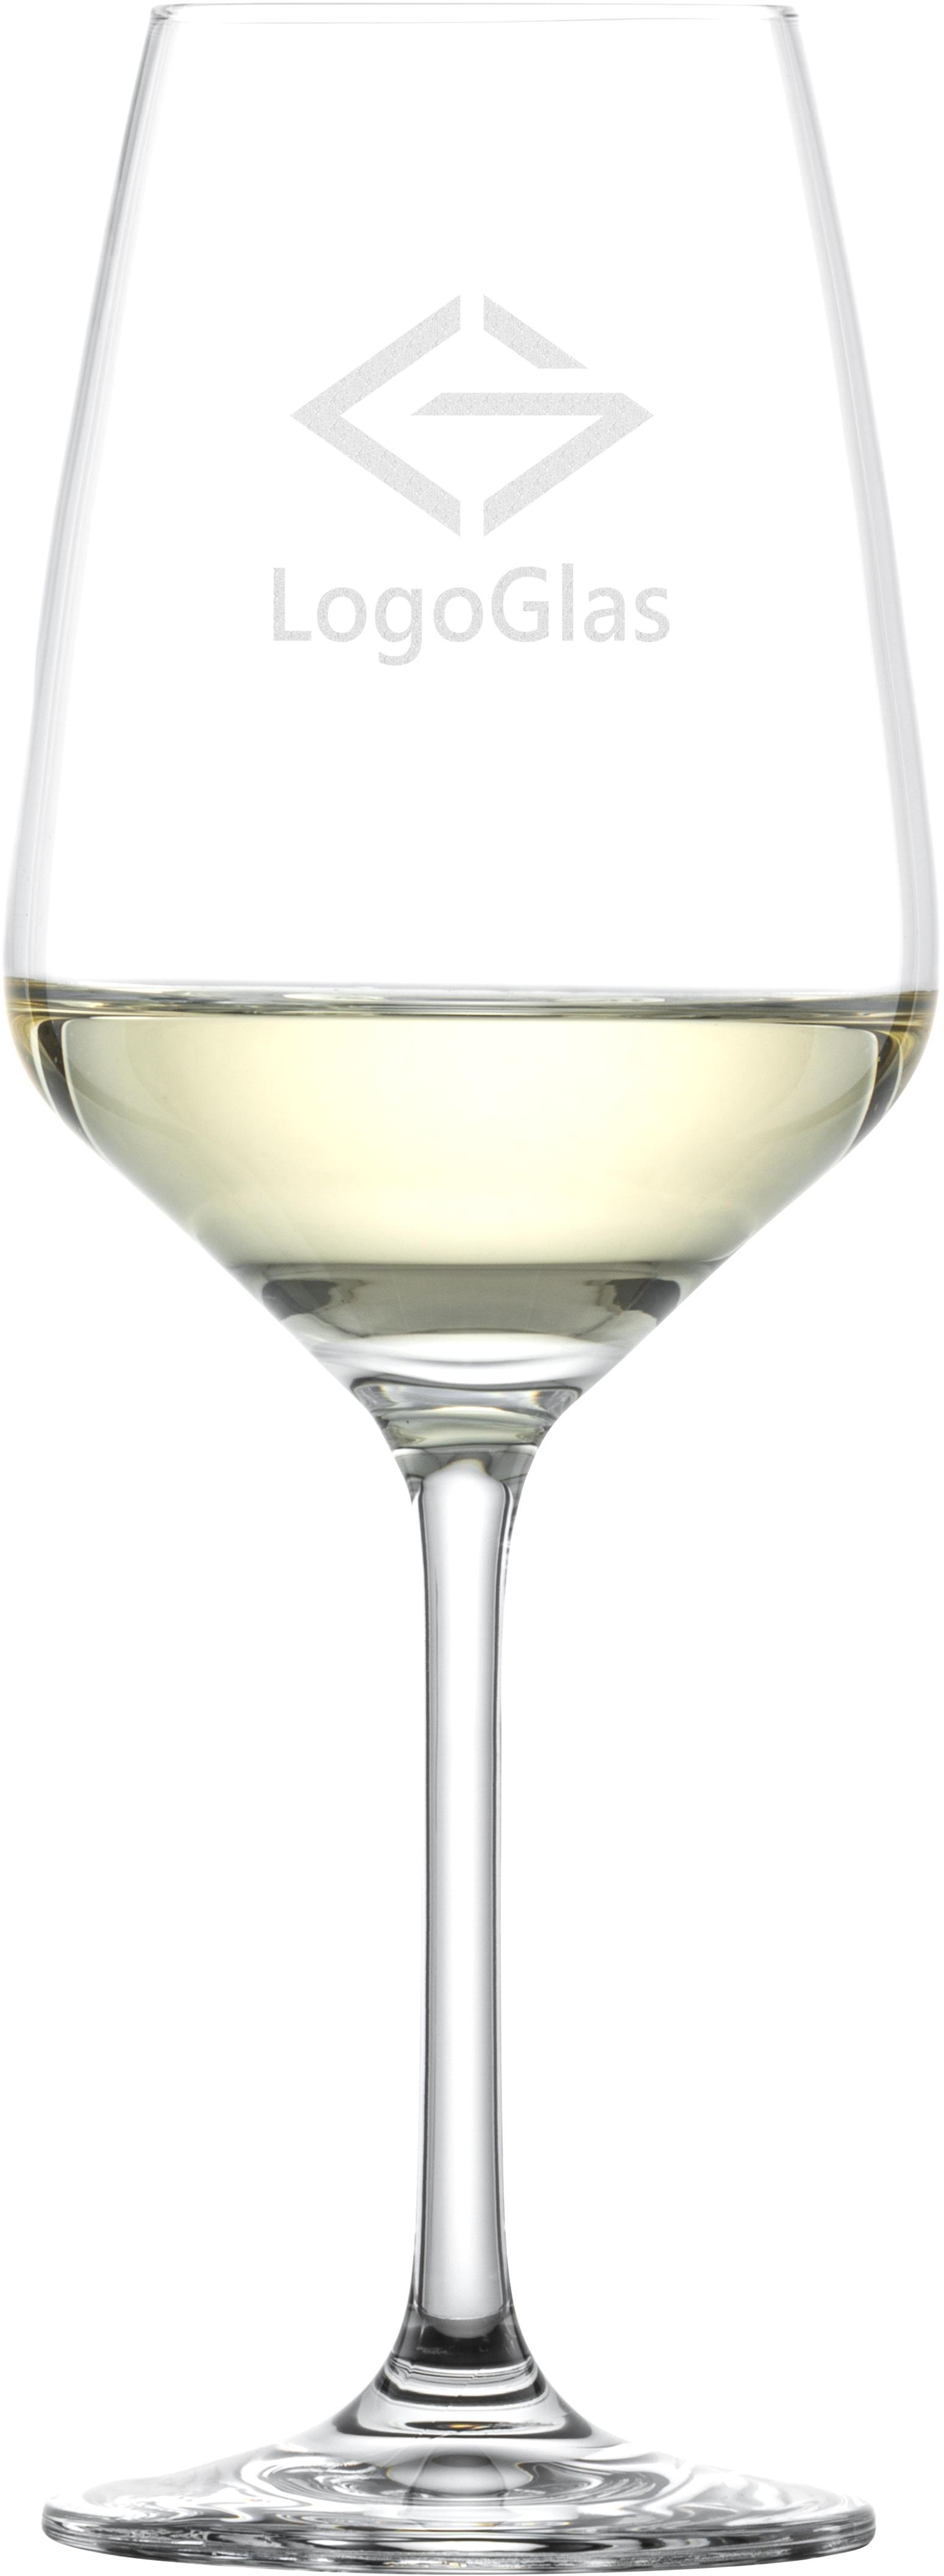 LOGO SCHOTT Weißweinglas TASTE 356ml | Weißweinkelch | mit Logo Gravur